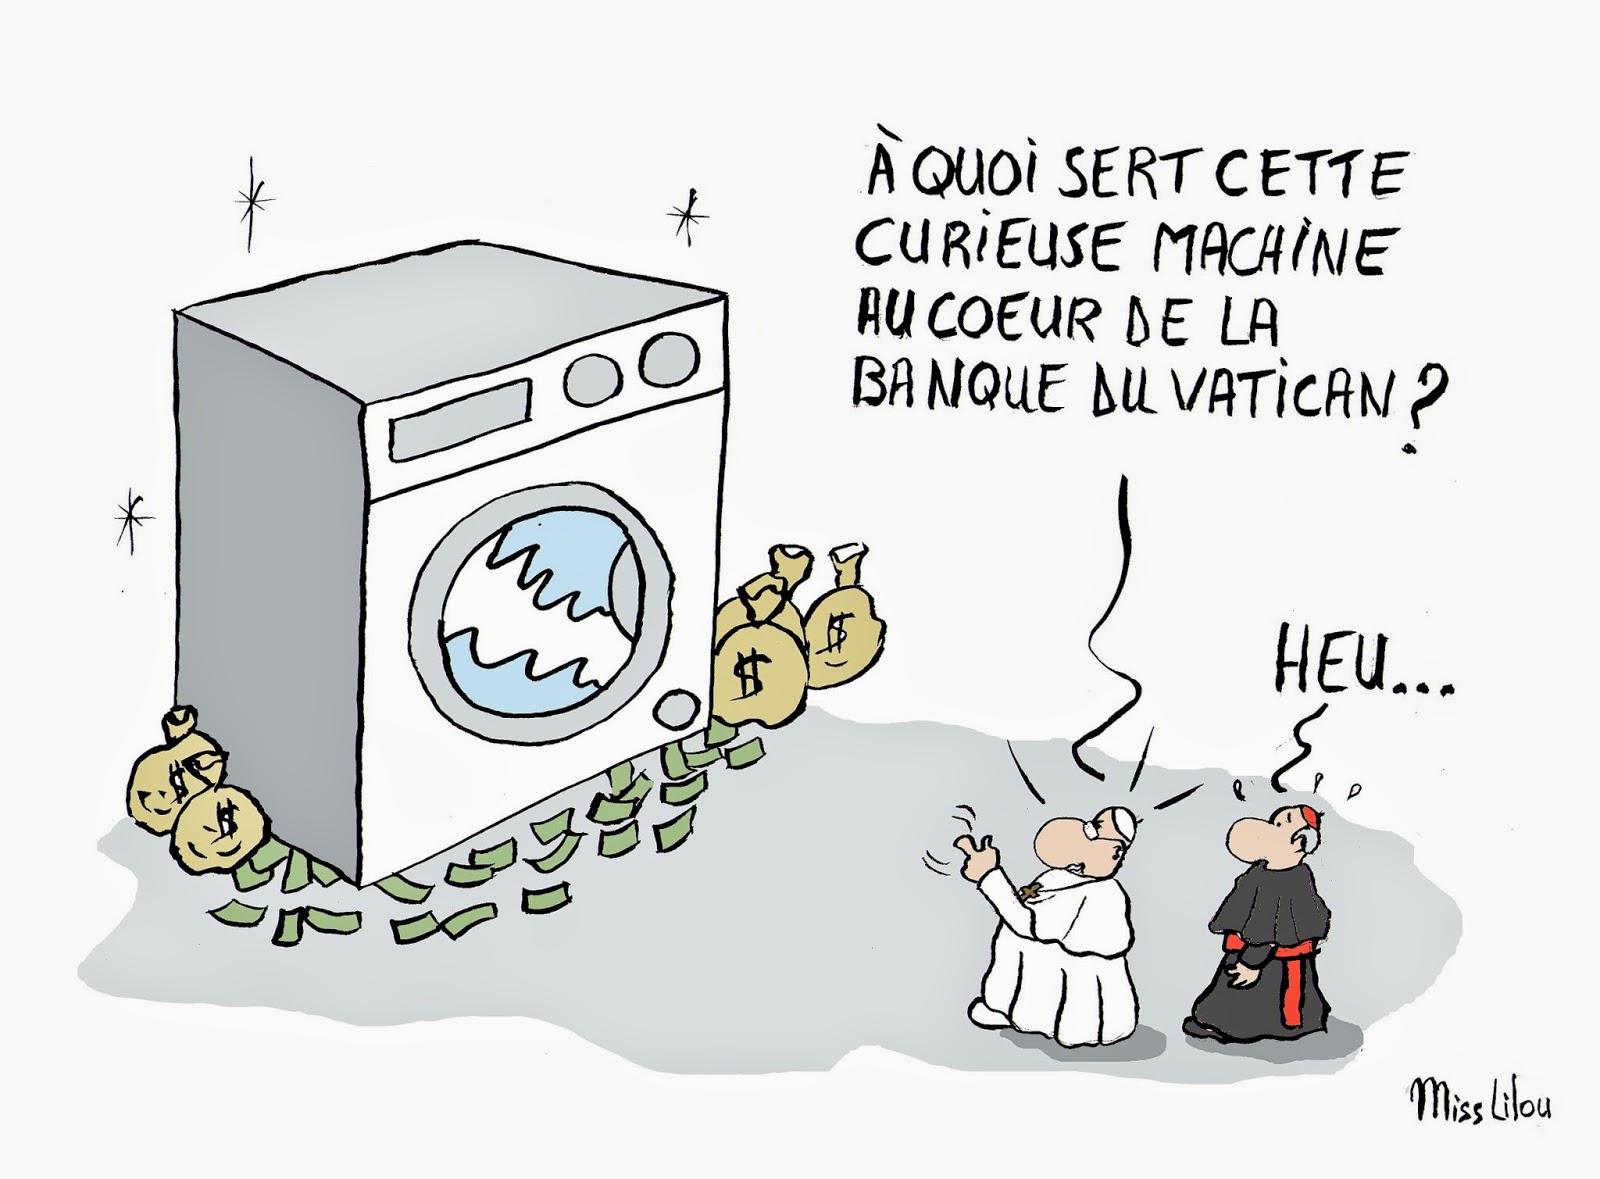 Humour en image - Page 21 Banquevatican